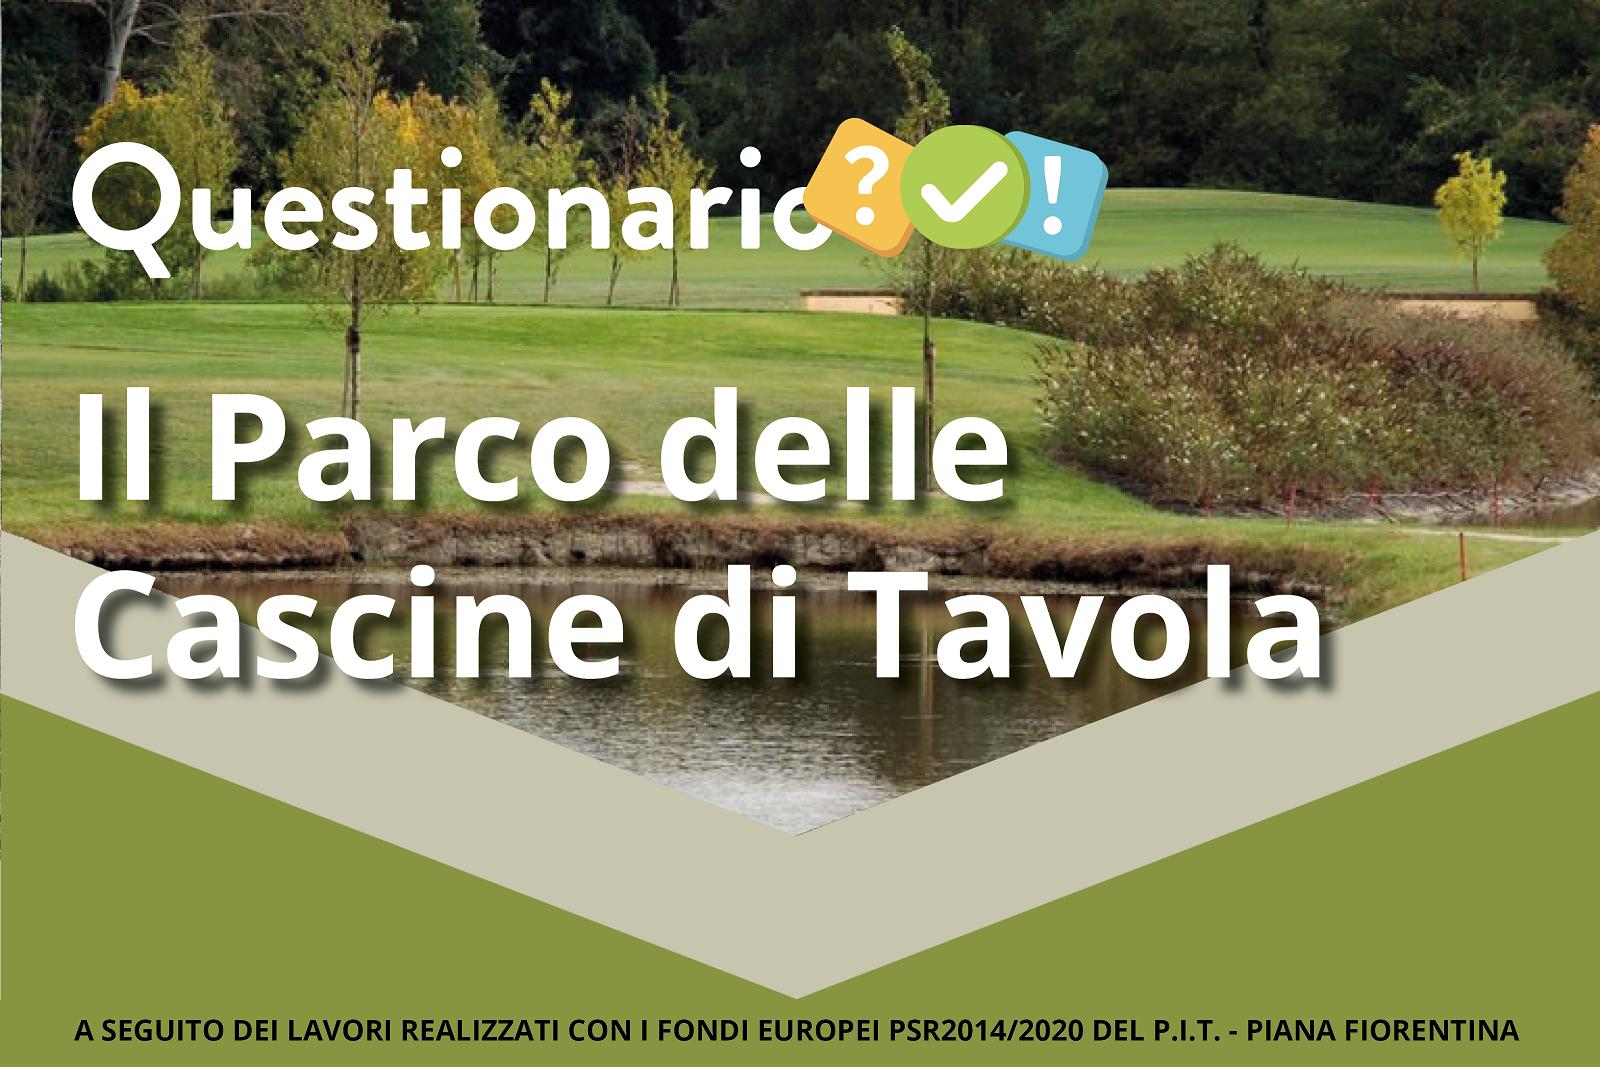 Banner del questionario sul Parco delle Cascine di Tavola